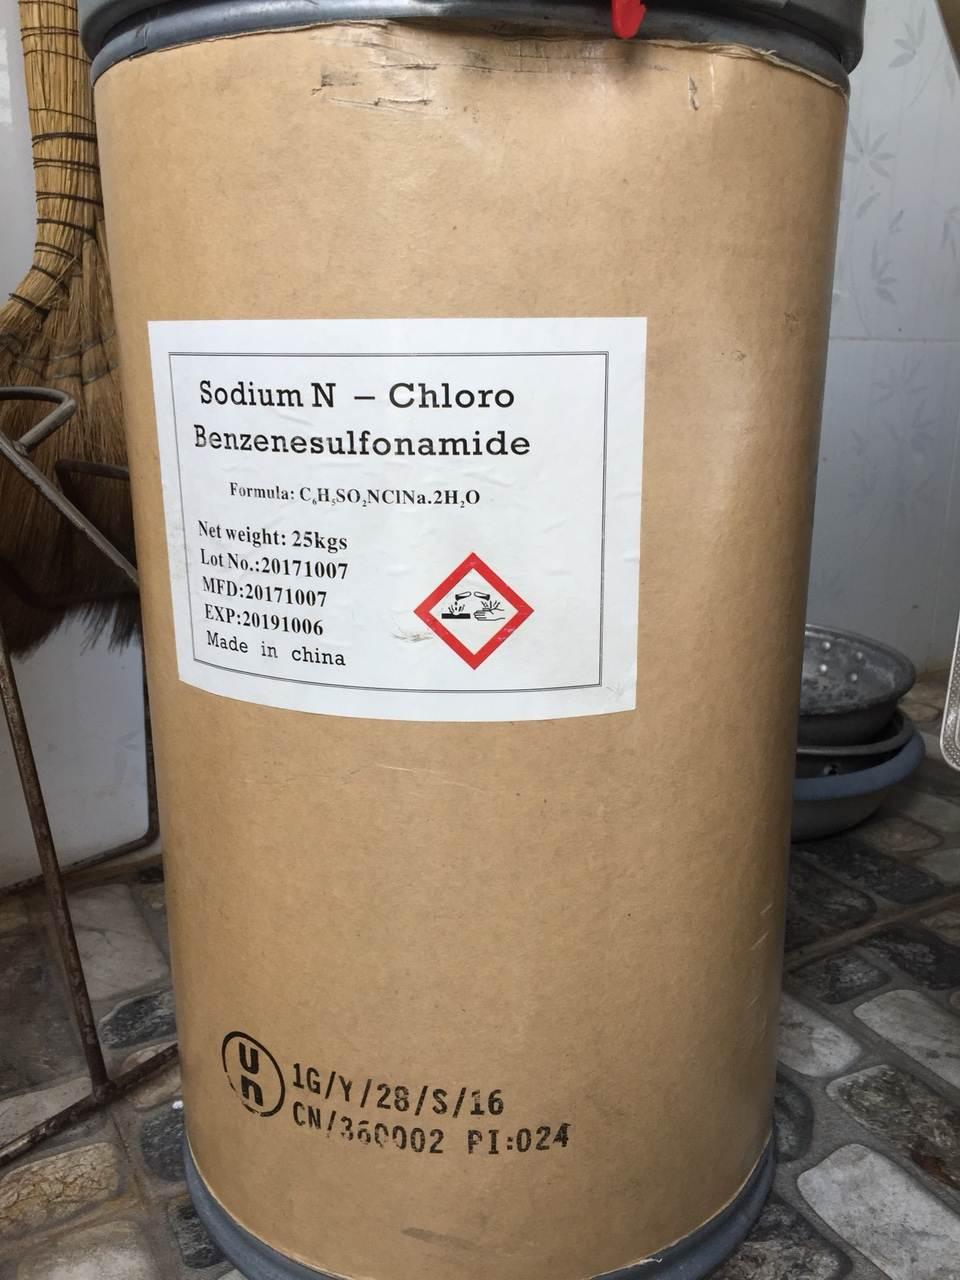 Cloramin b hóa chất biên hòa đồng nai